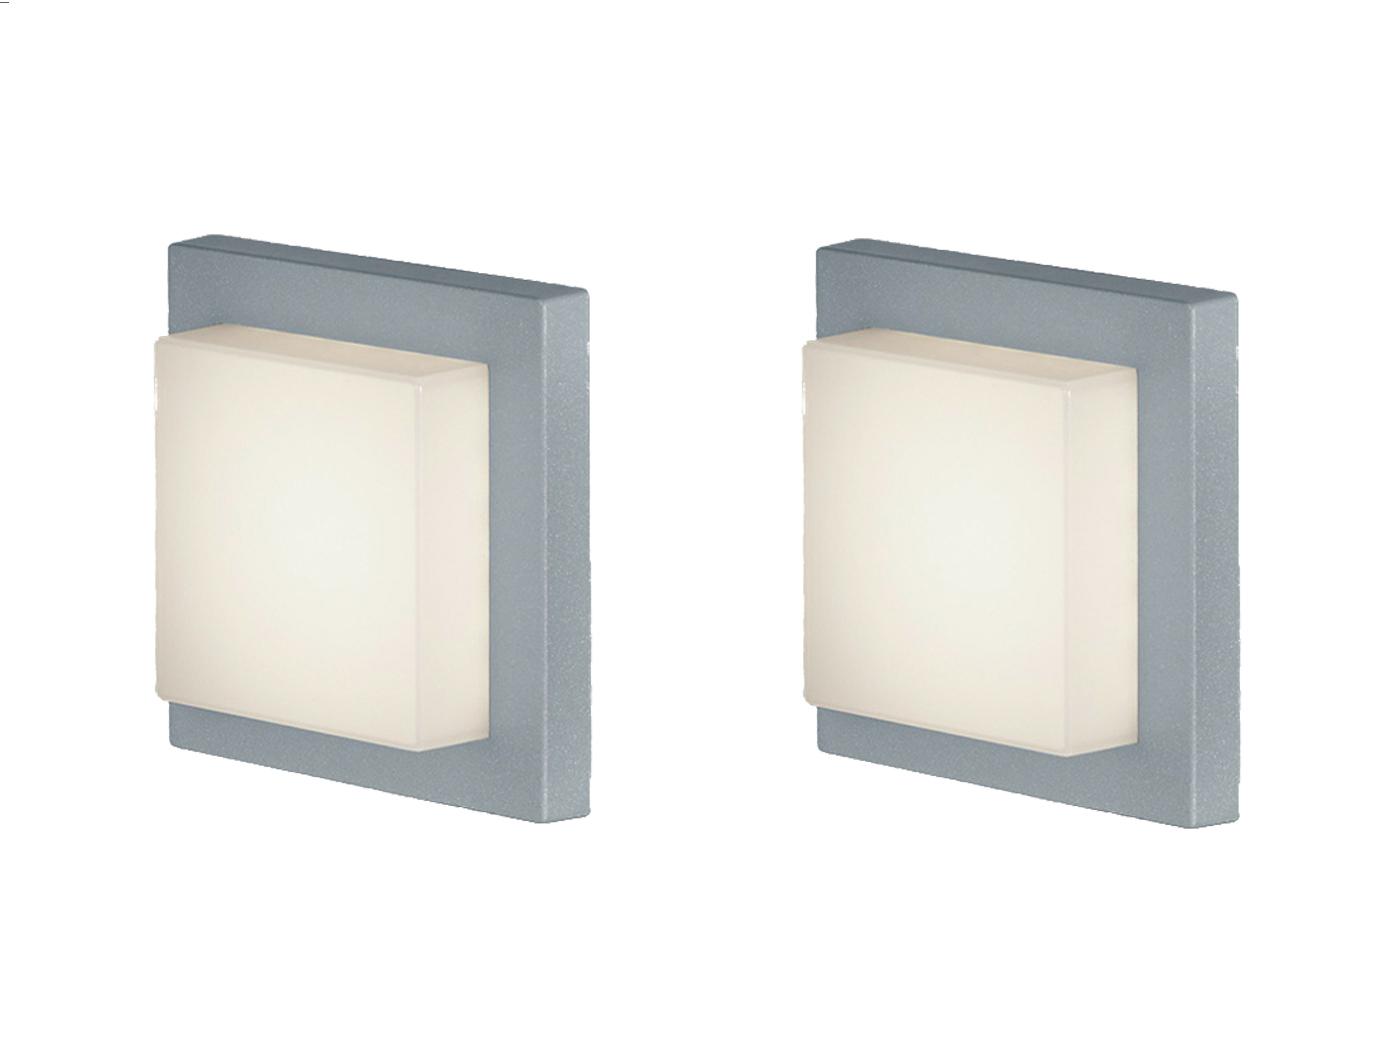 Eckige Led Außenwandlampe In Grau 2 Außenleuchten Für Hauswand Außenbeleuchtung